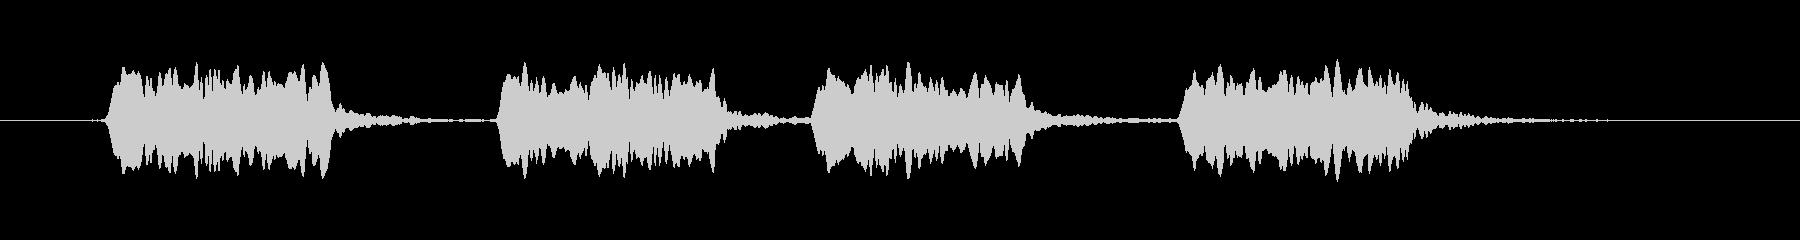 スモールメタルピーホイッスル:4つ...の未再生の波形